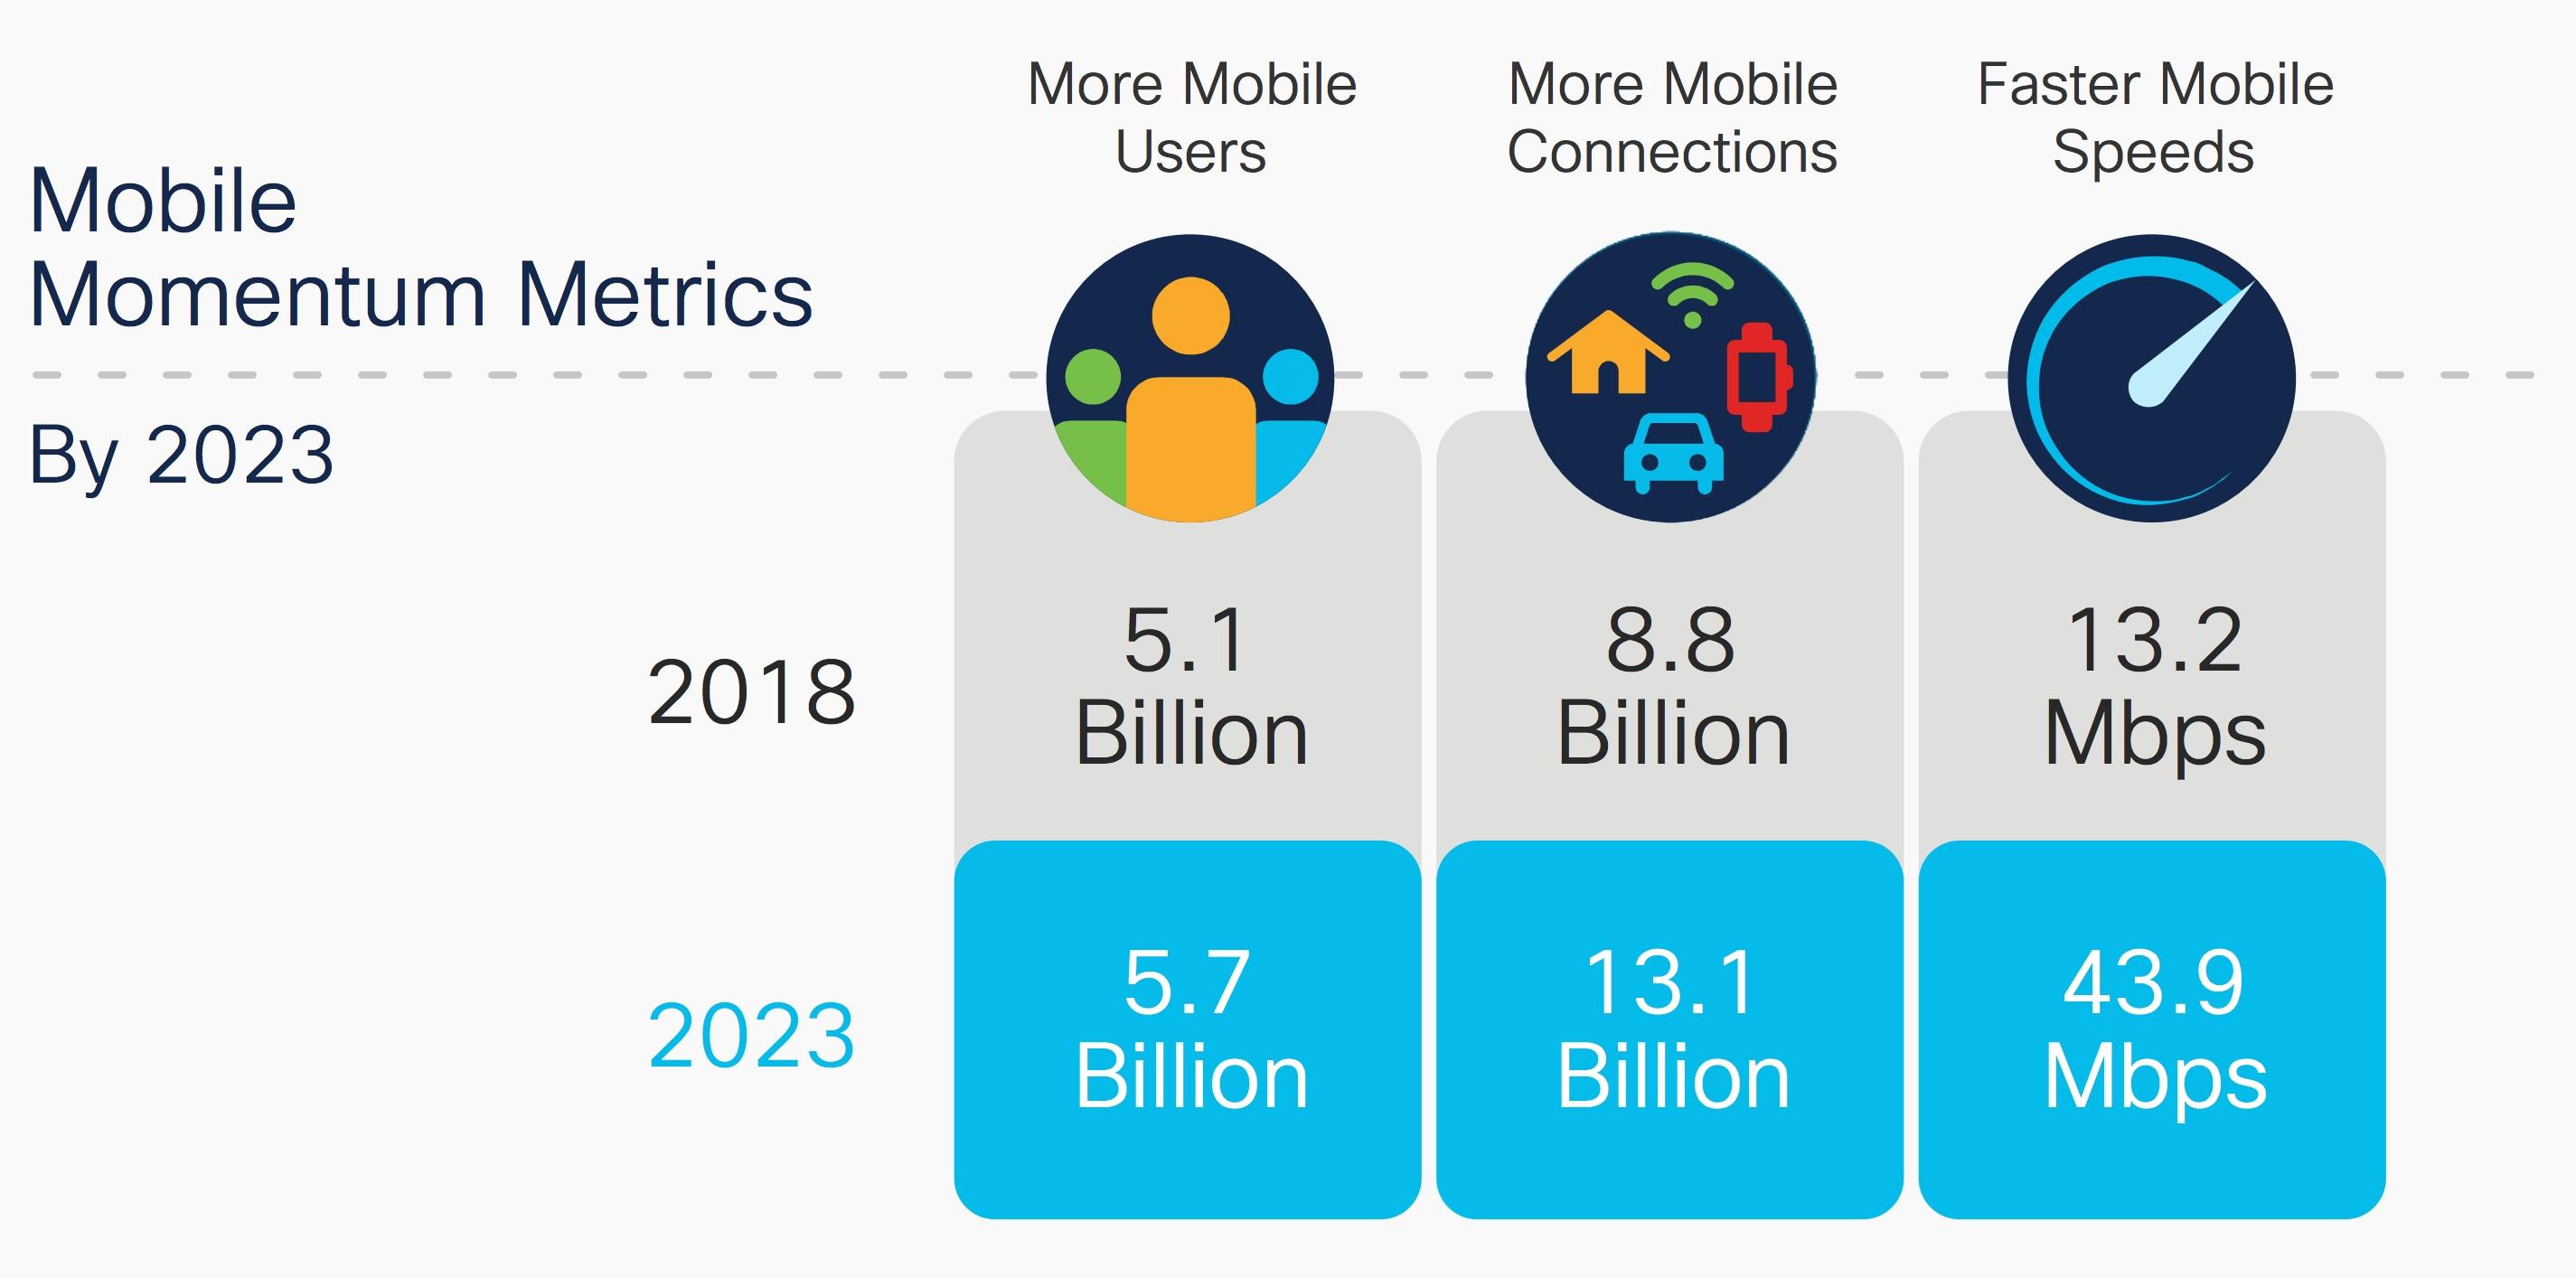 Mobile momentum metrics infographic